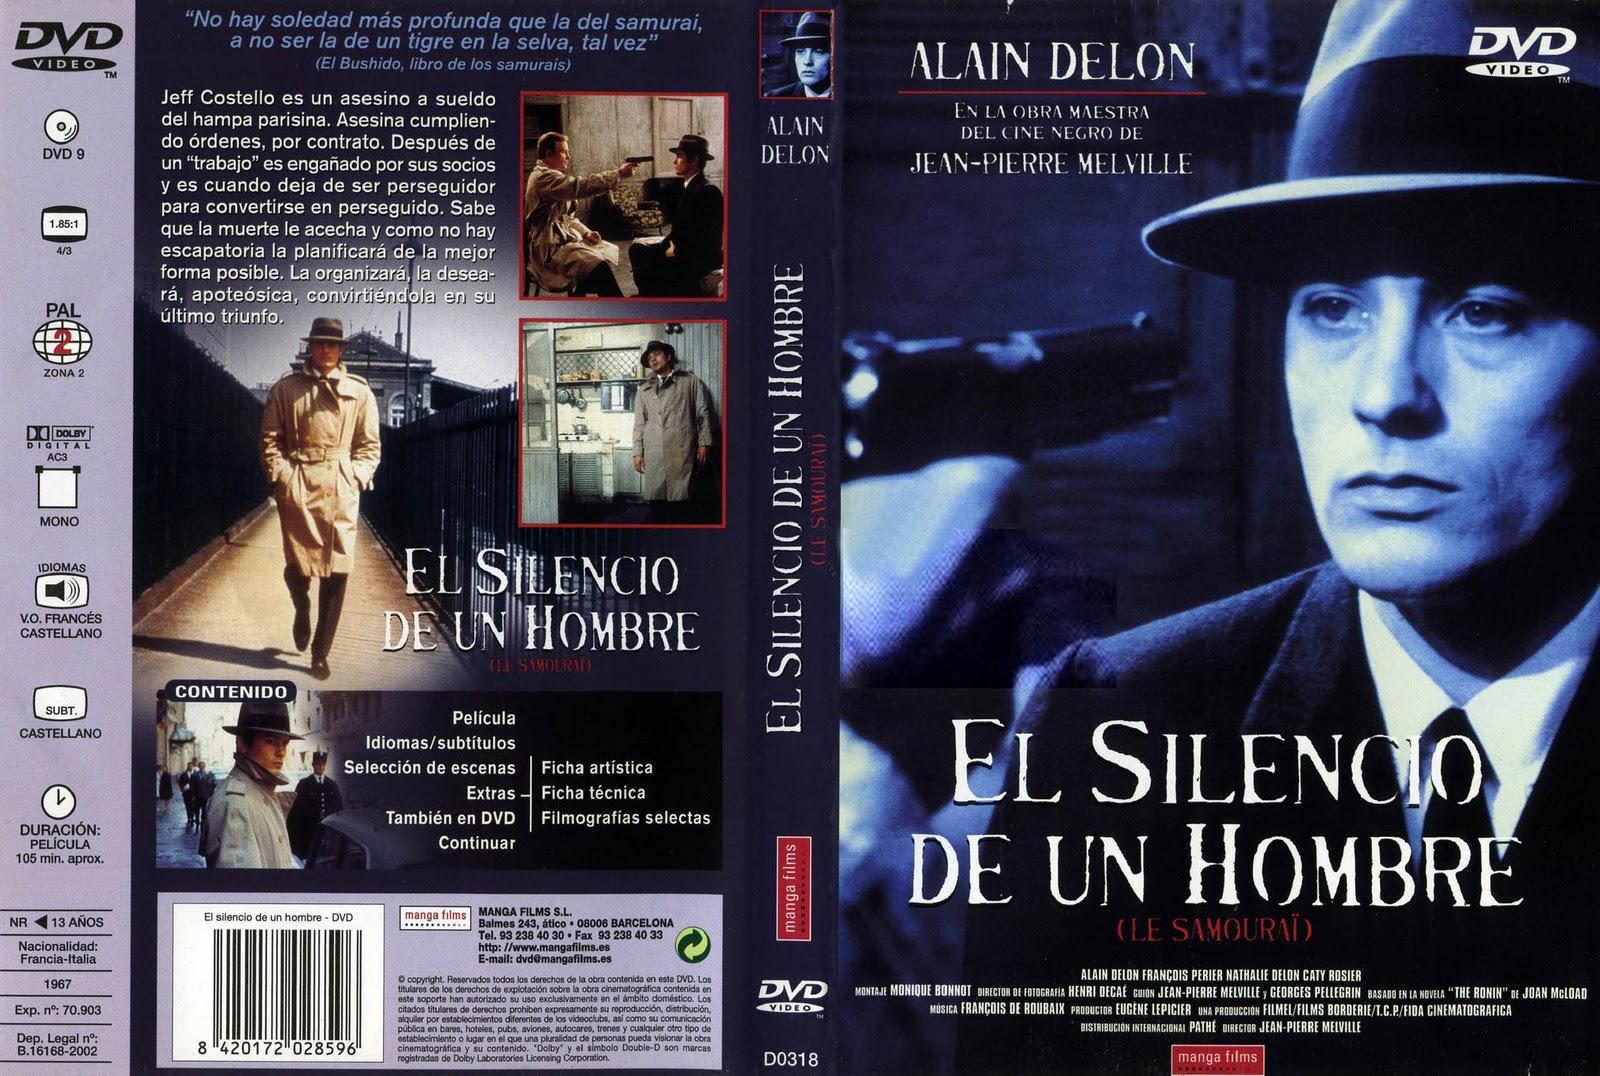 http://3.bp.blogspot.com/-PXz0nFEYV6w/Tt8p0mC0IJI/AAAAAAAAAv8/IGoMmw3wmco/s1600/El_Silencio_De_Un_Hombre-Caratula.jpg